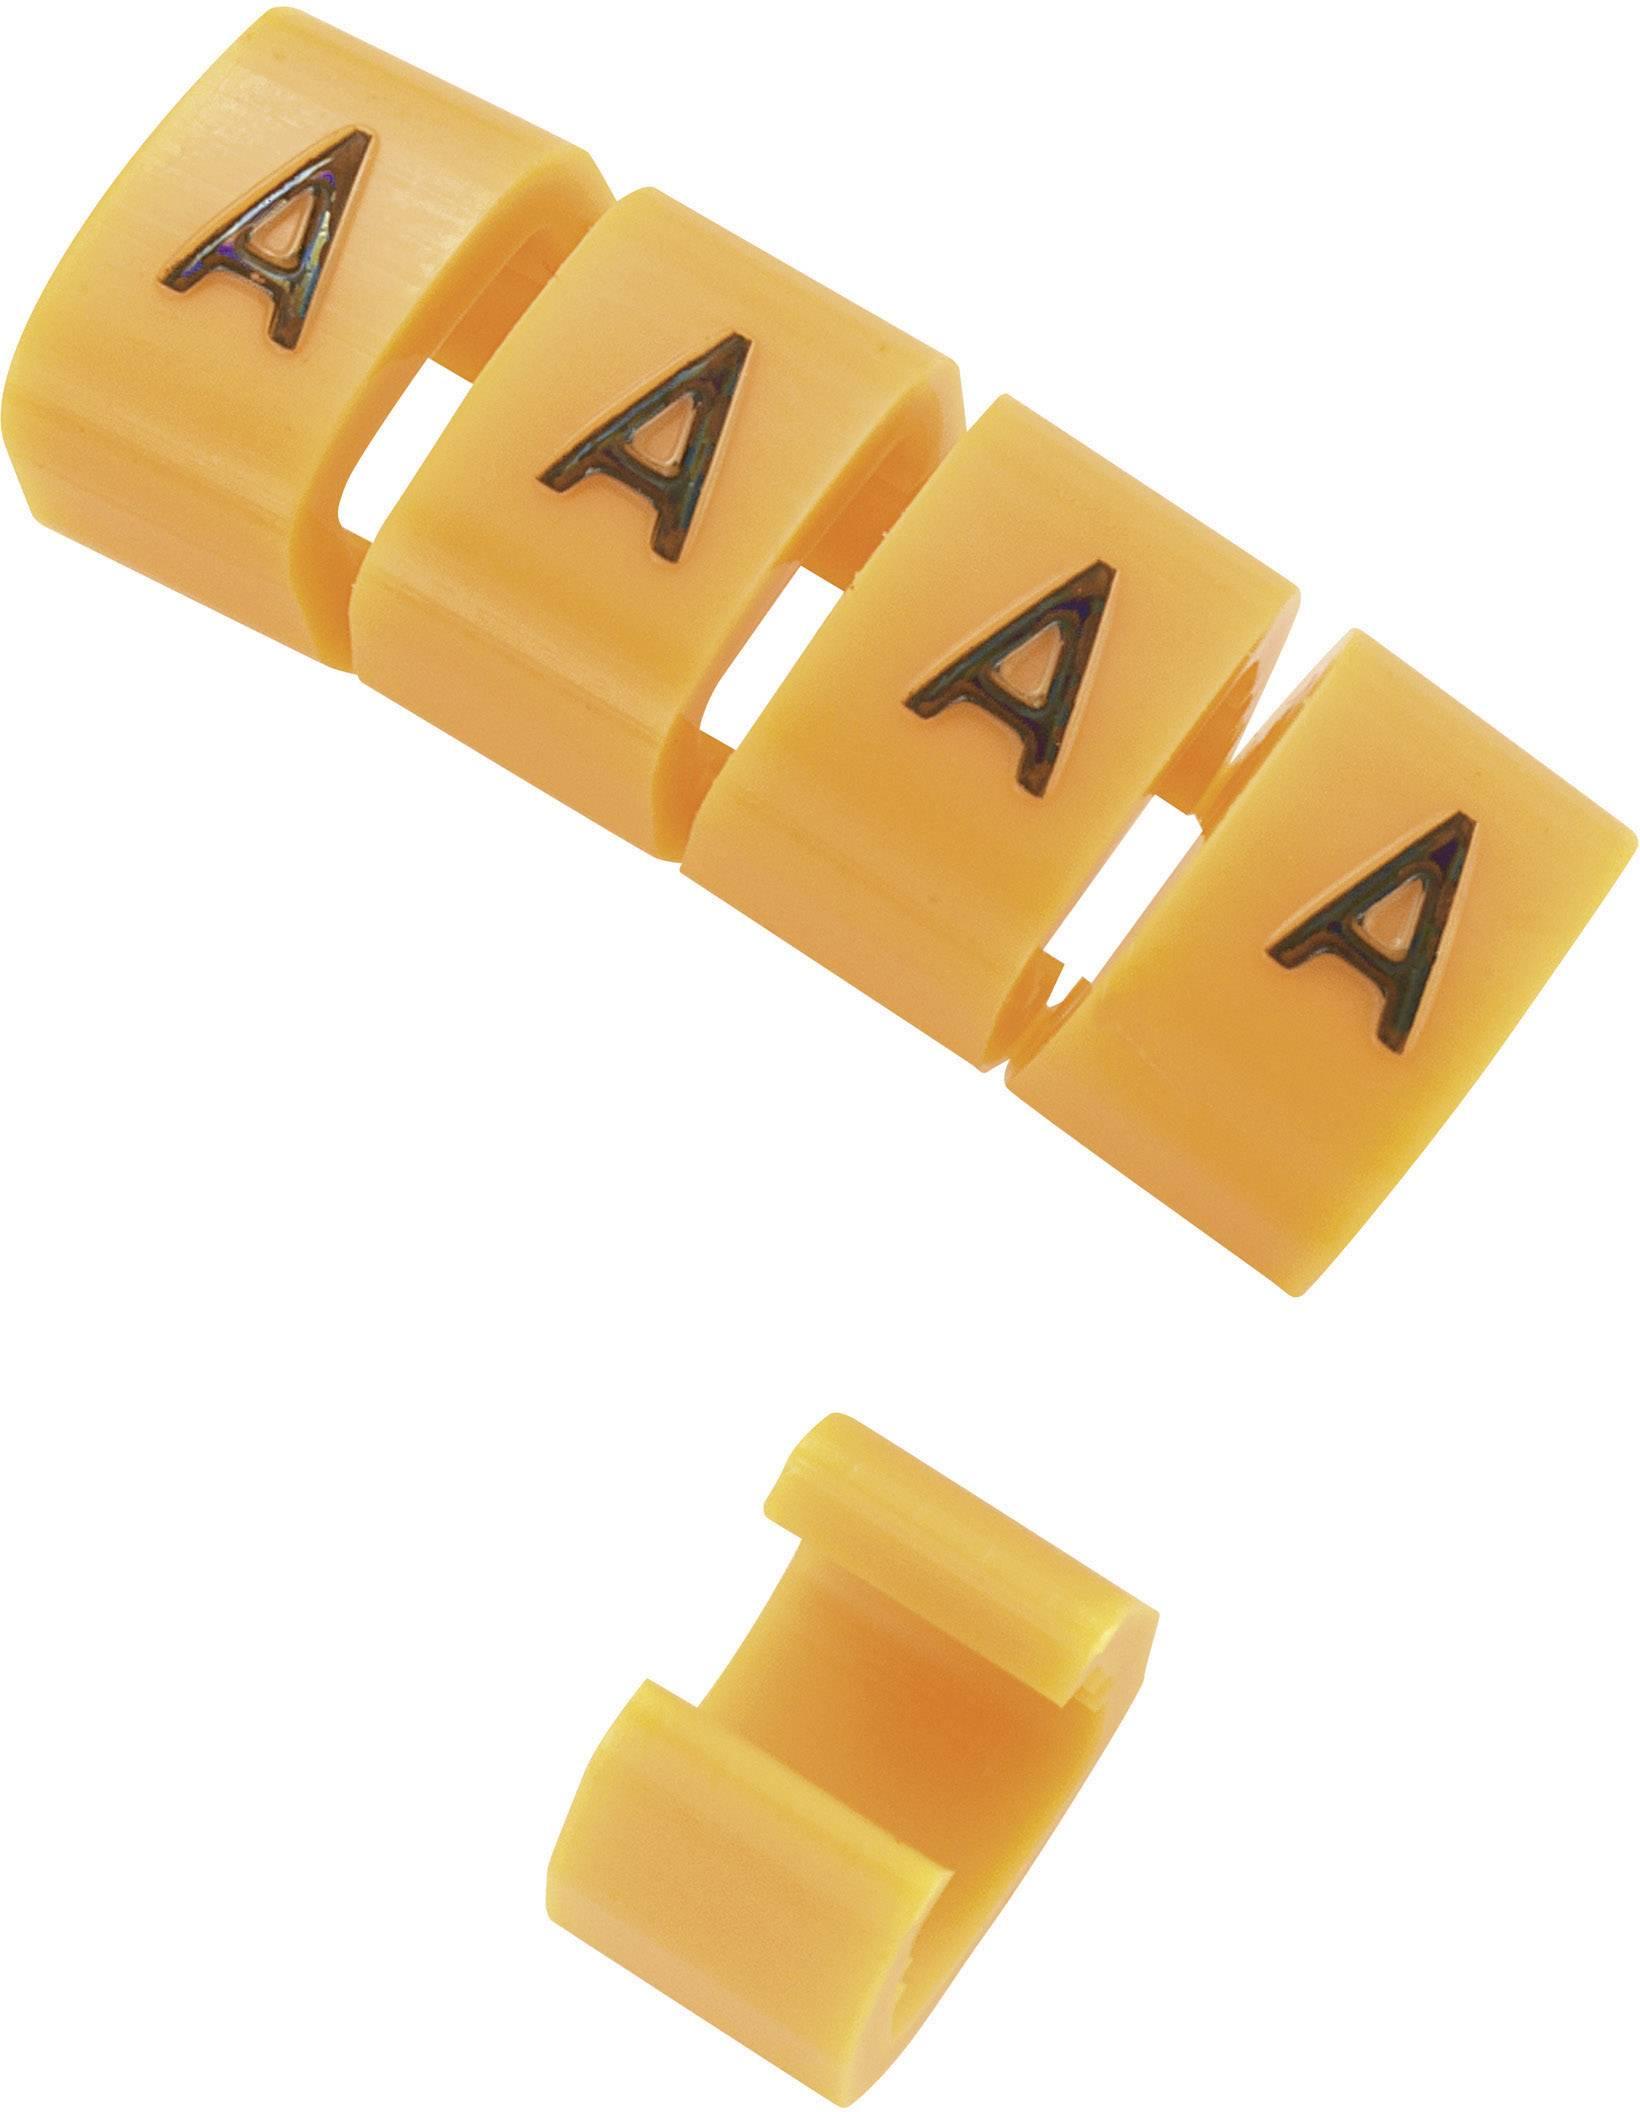 Označovacie objímka na káble KSS MB1/F, oranžová, 10 ks